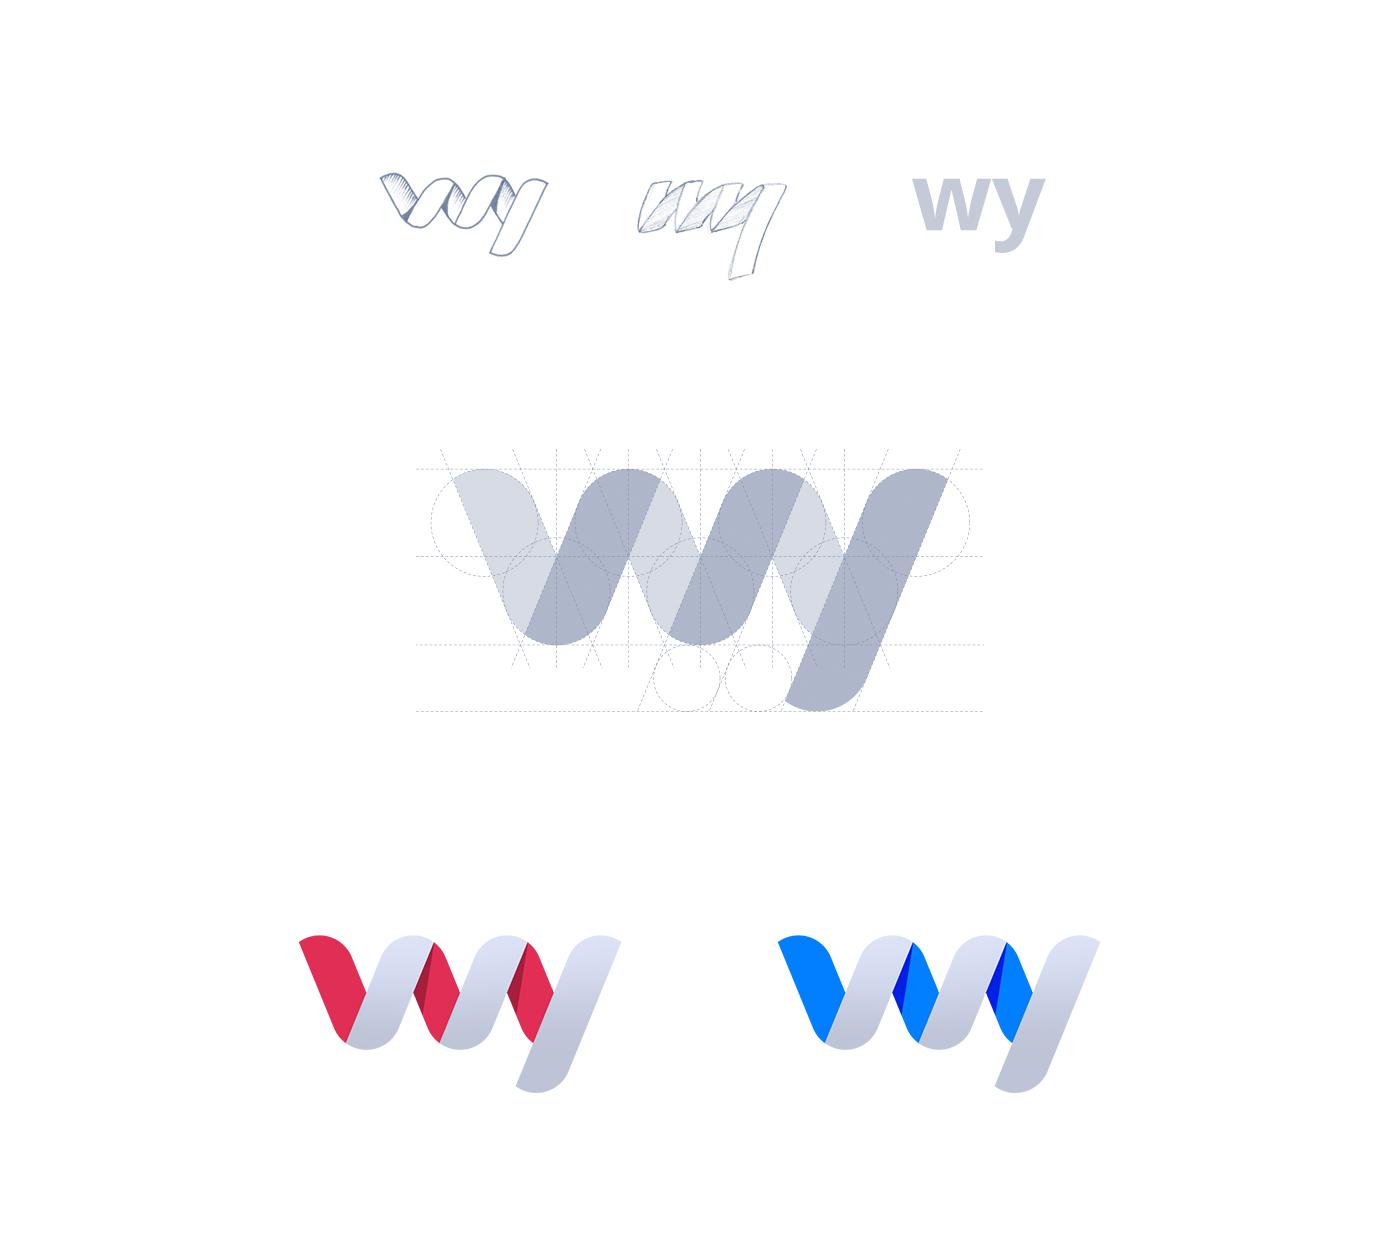 Wyre支付系统品牌设计 欣赏-第7张